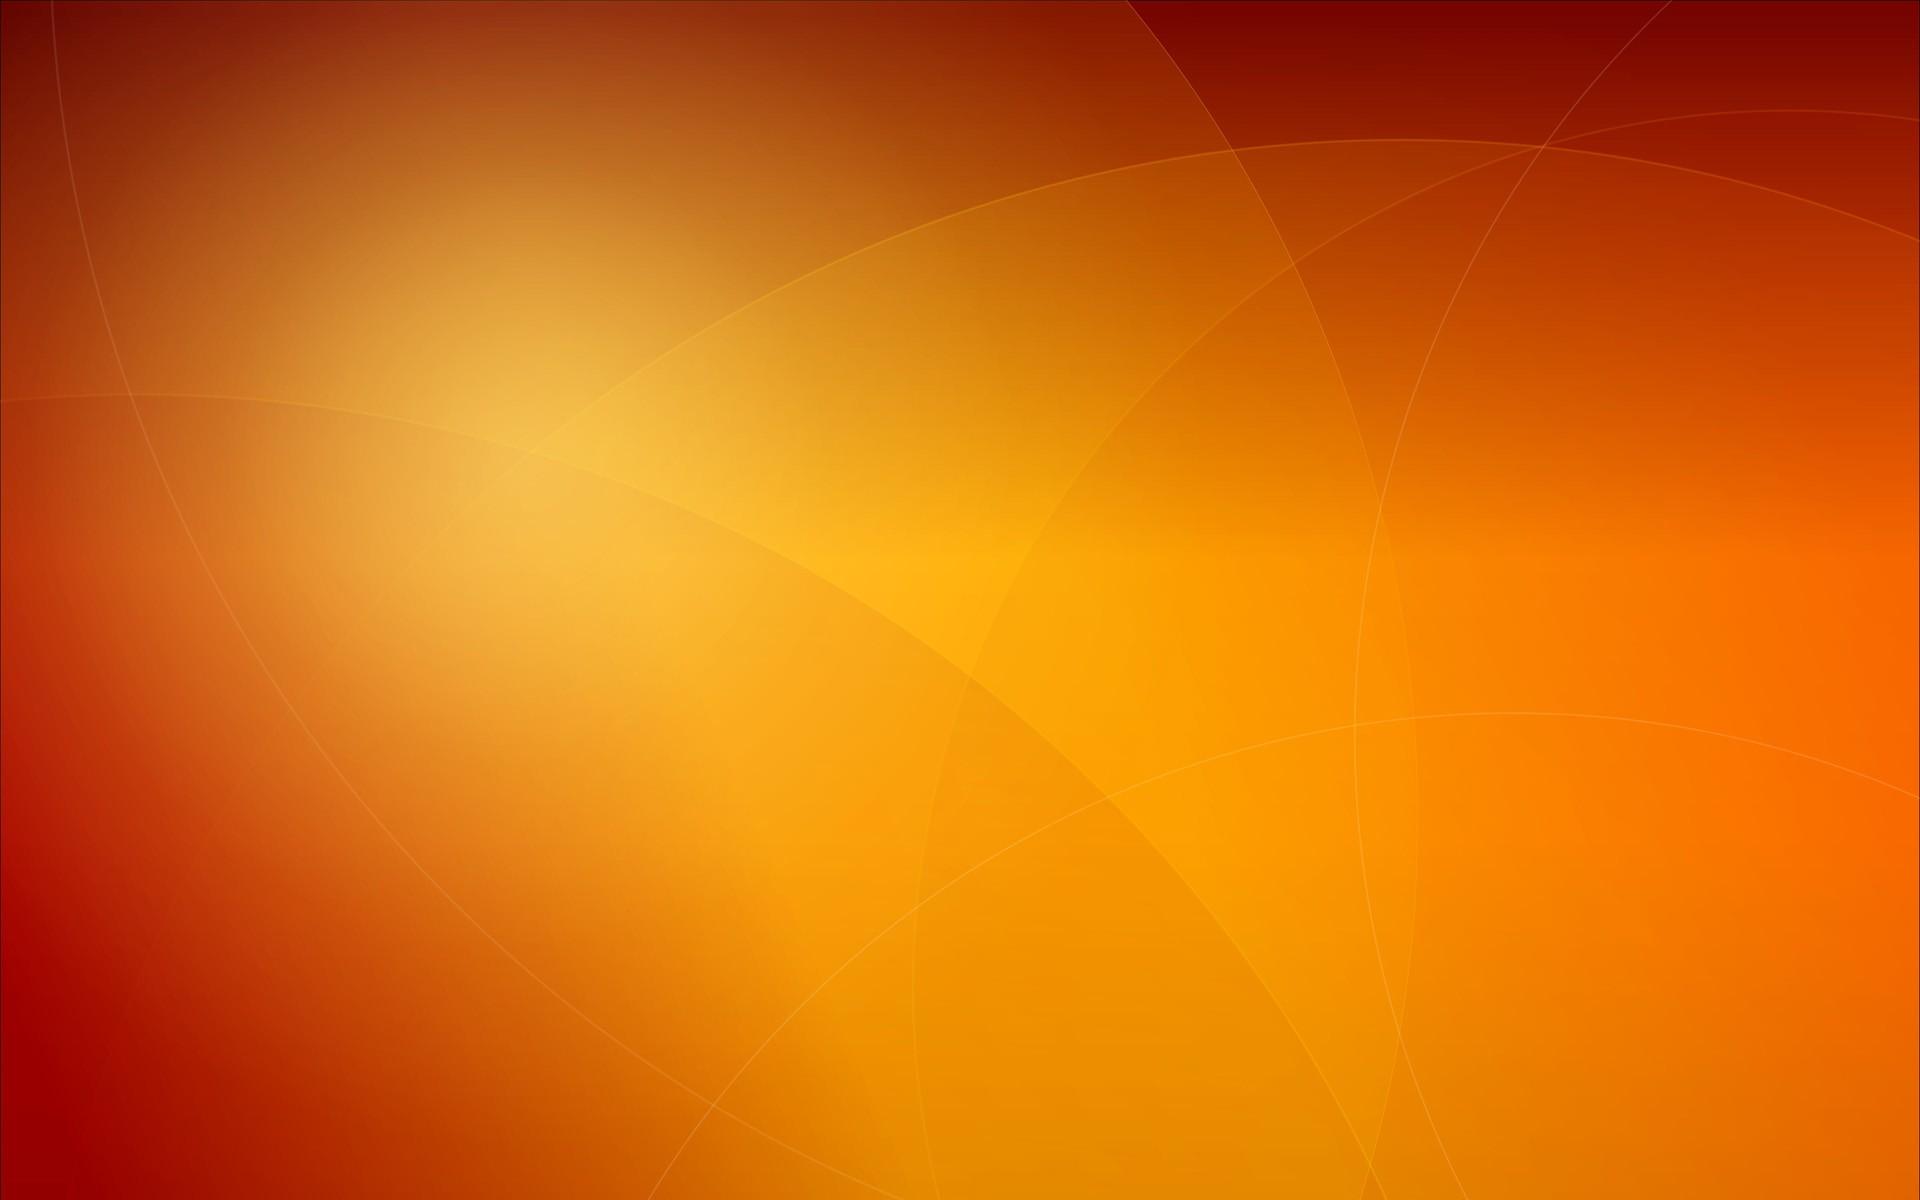 Orange Background Vector Wallpaper 1920x1200